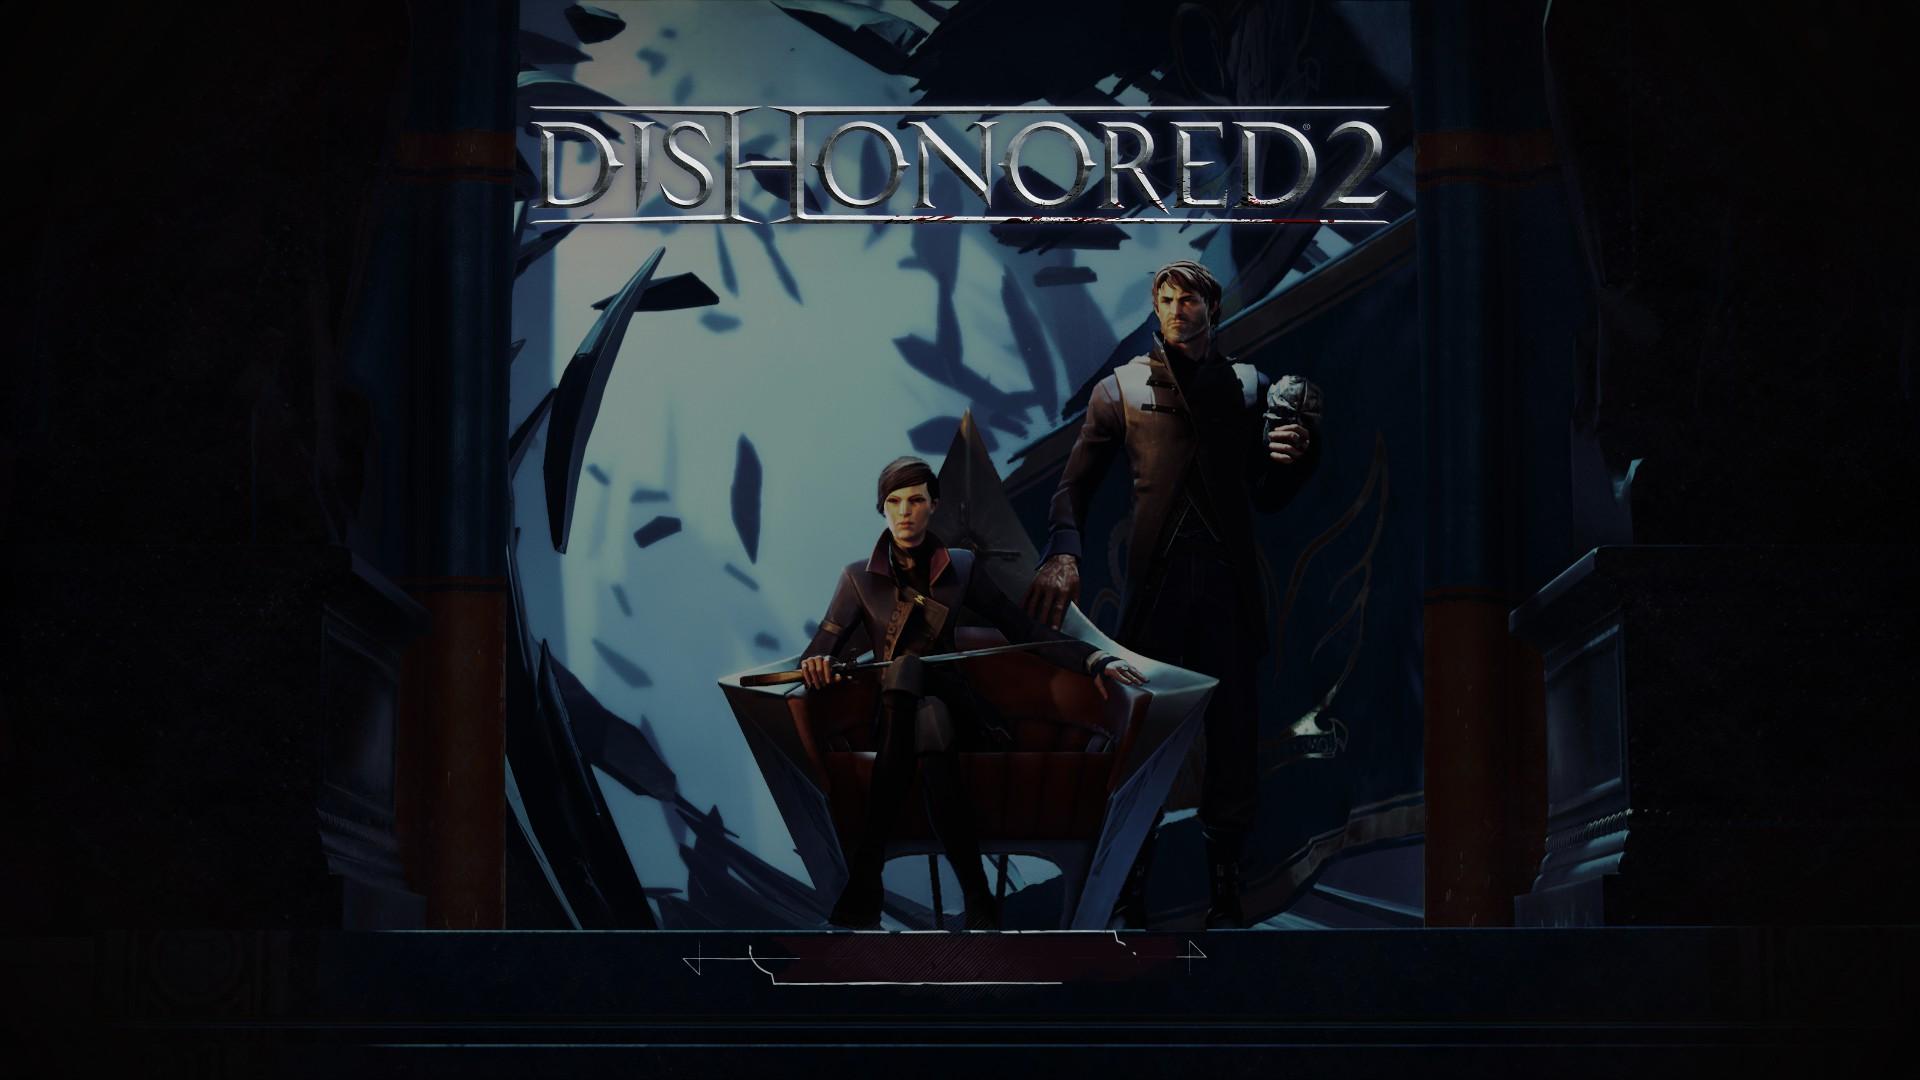 dishonored2_01.jpg